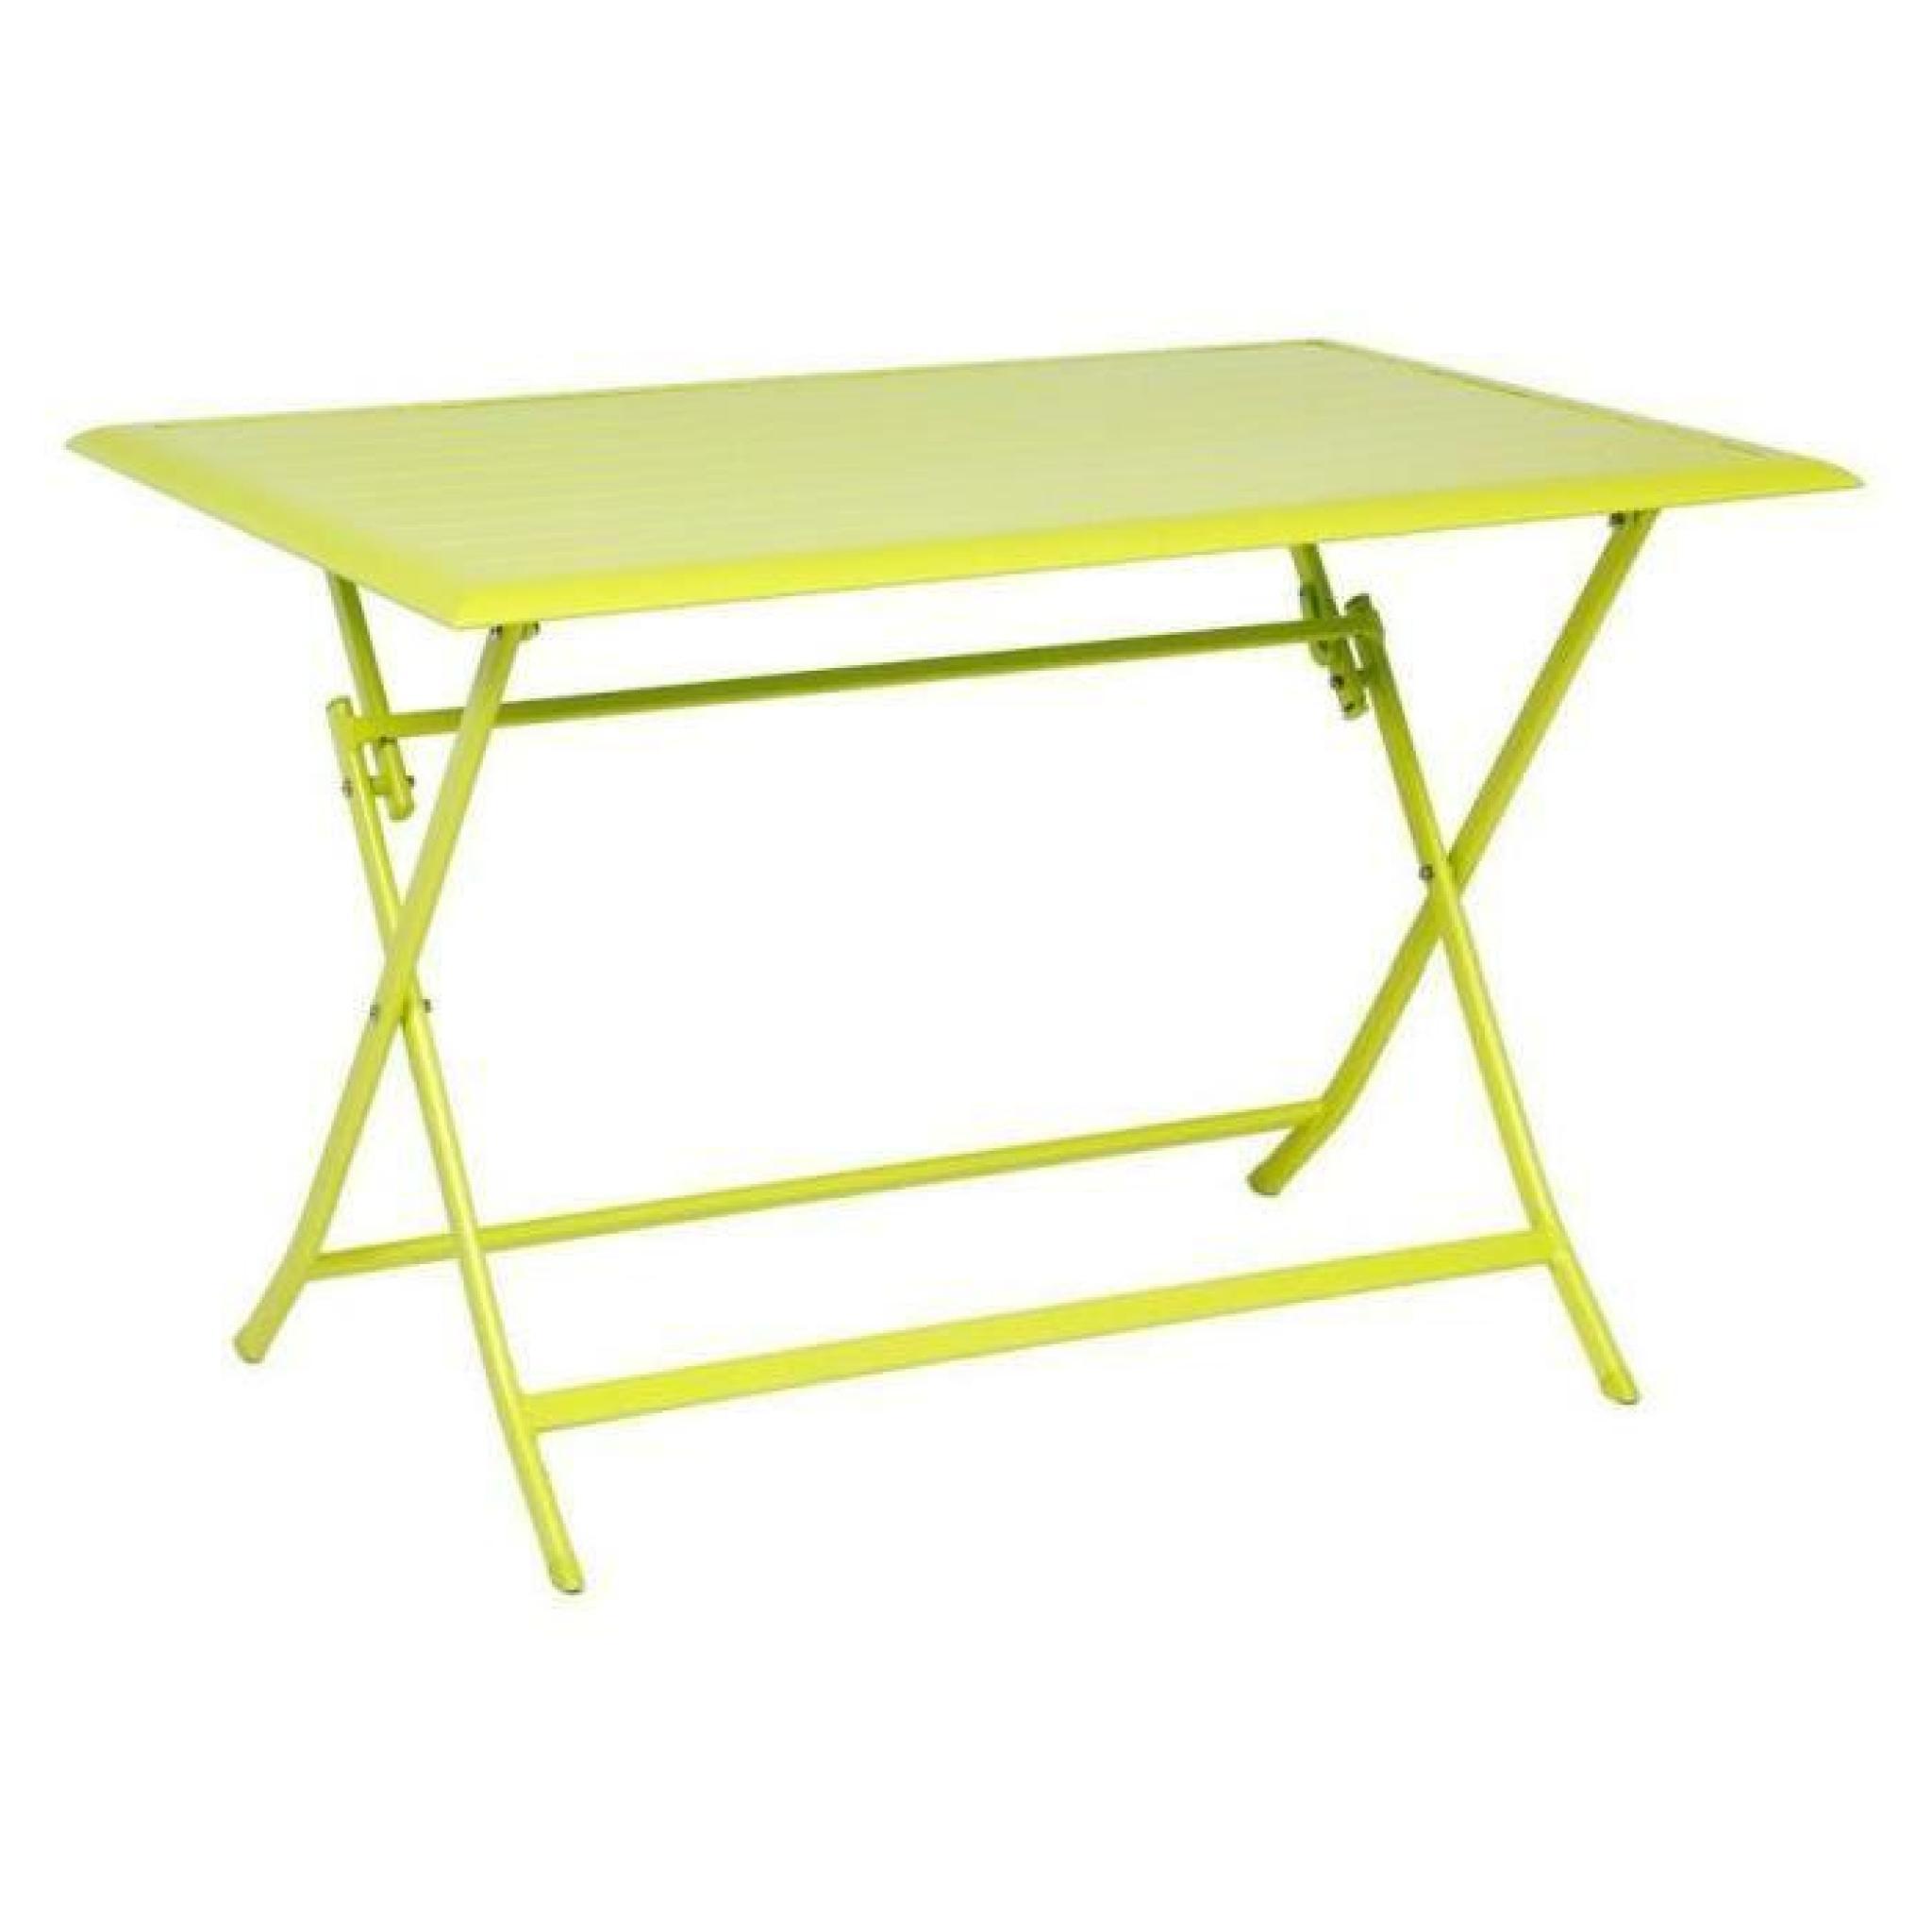 TABLE AZUA HESPERIDE PLIANTE ALU GRANNY 4 PLACES